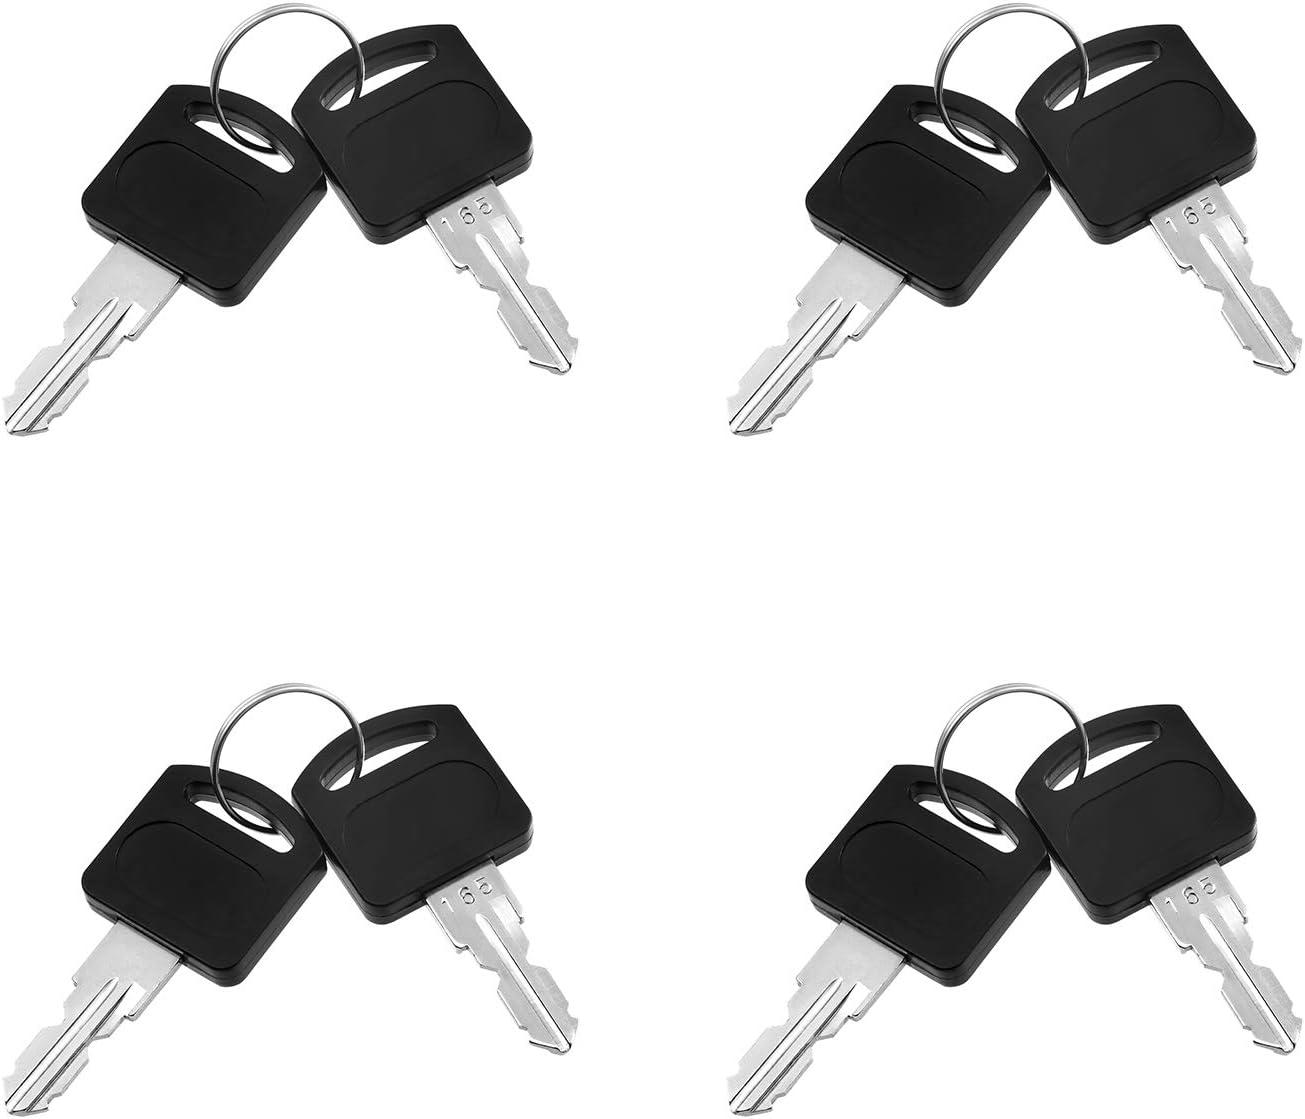 Kohree 5 pcs Cerradura para Buz/ón 16mm Cerradura Cilindro Con 10 Llaves Cerradura para Muebles Cerradura para Taquilla Cerradura para Caj/ón cilindro Cam cerraduras de cilindro de armario